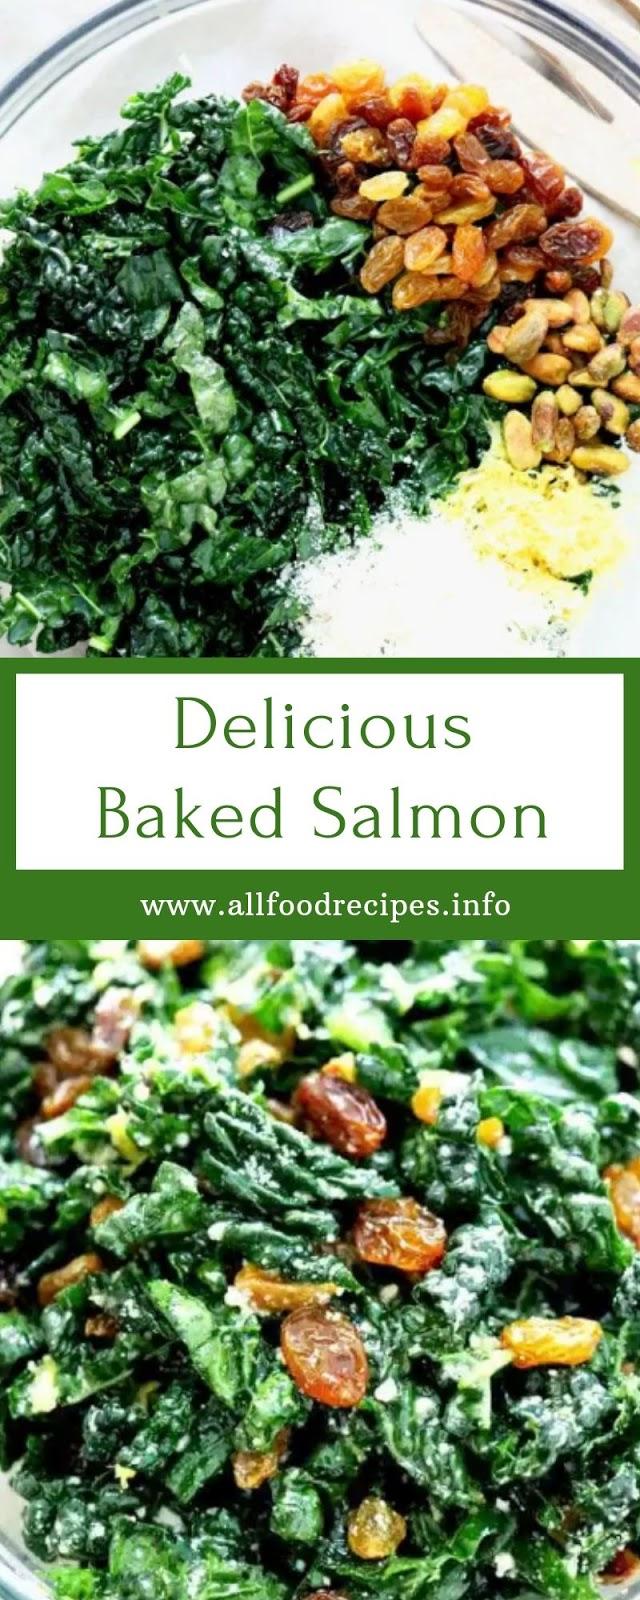 Salad With Lemon Sauce